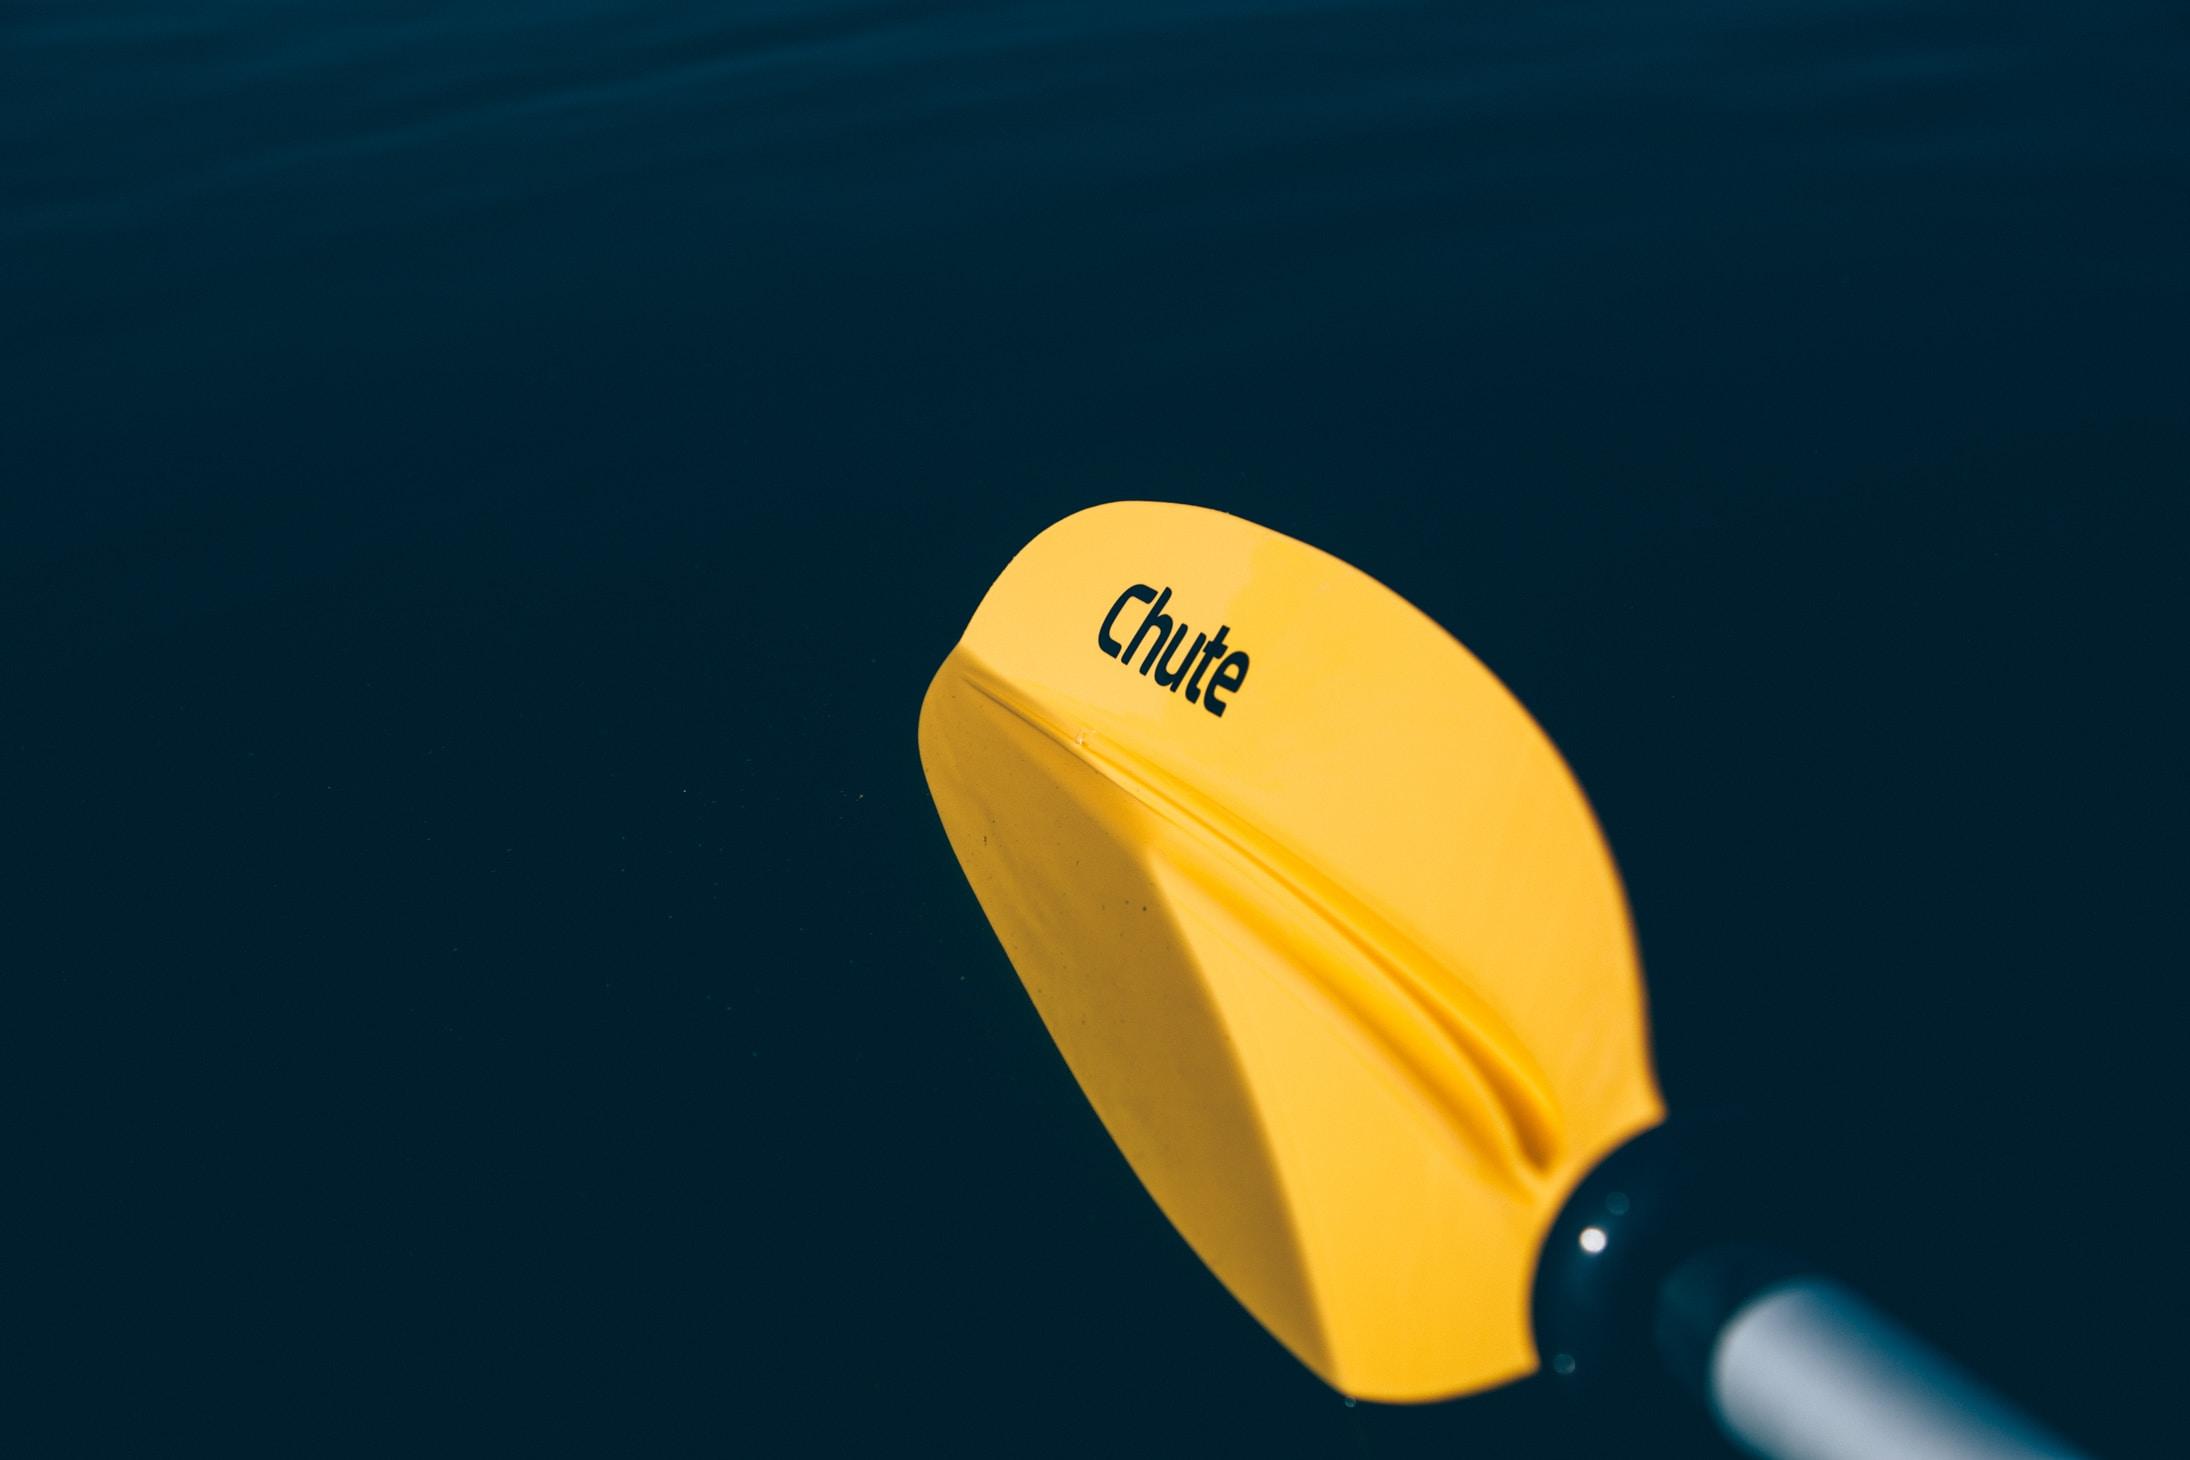 yellow Chute kayak paddle